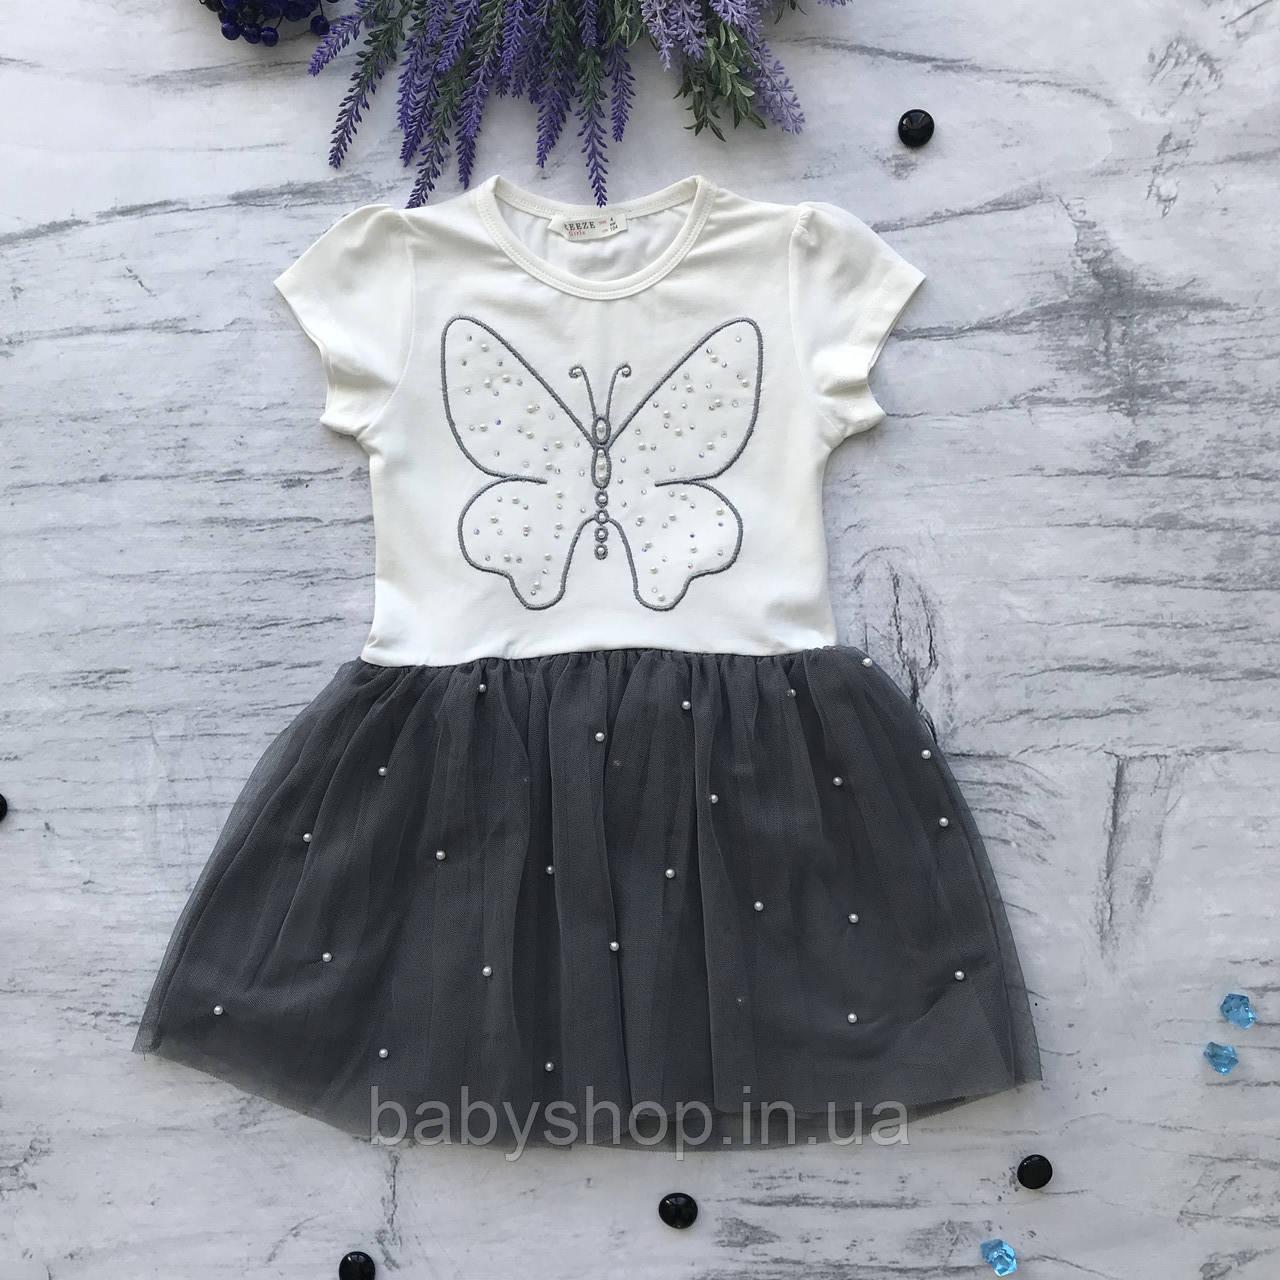 Летнее платье на девочку Breeze 115. Размеры 110 см, 128 см, фото 1